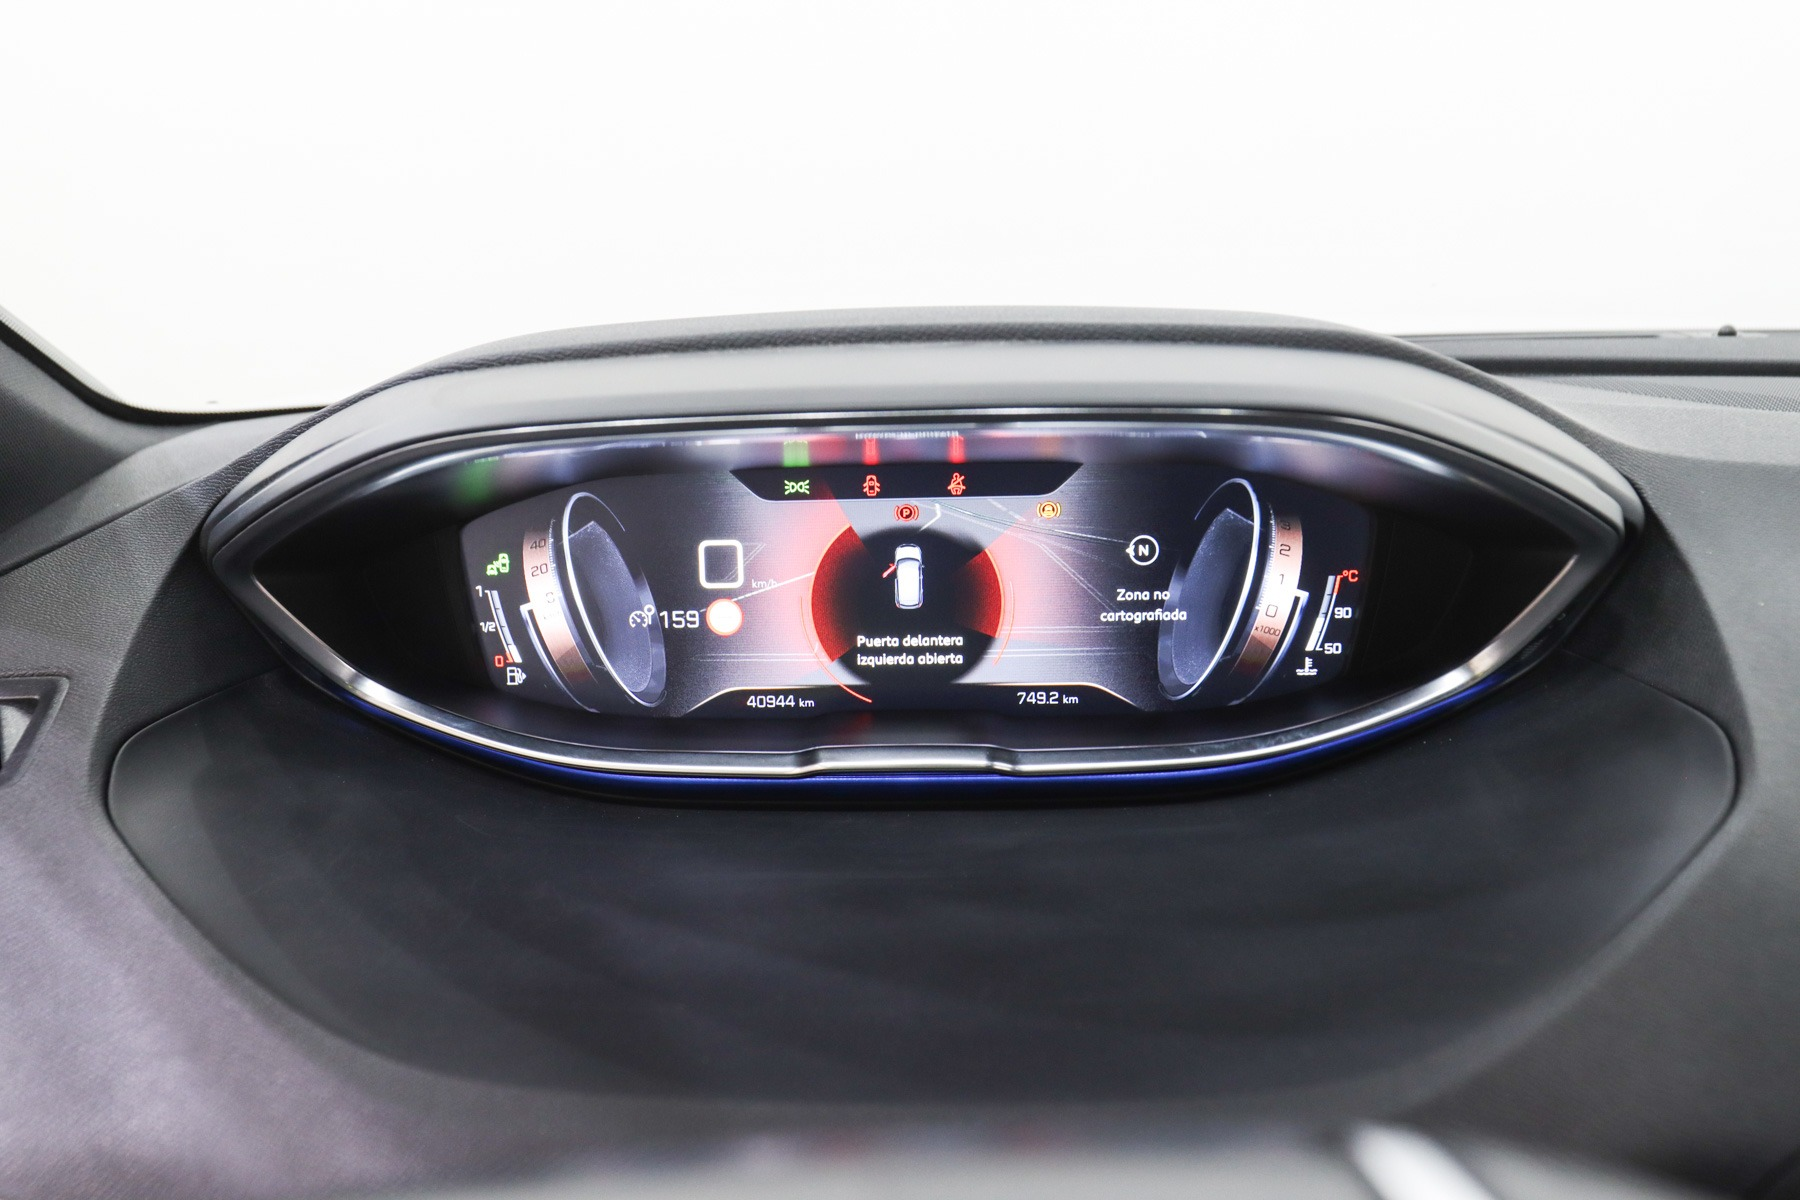 Cómo quitar el testigo de urea del Peugeot 3008 en 2021